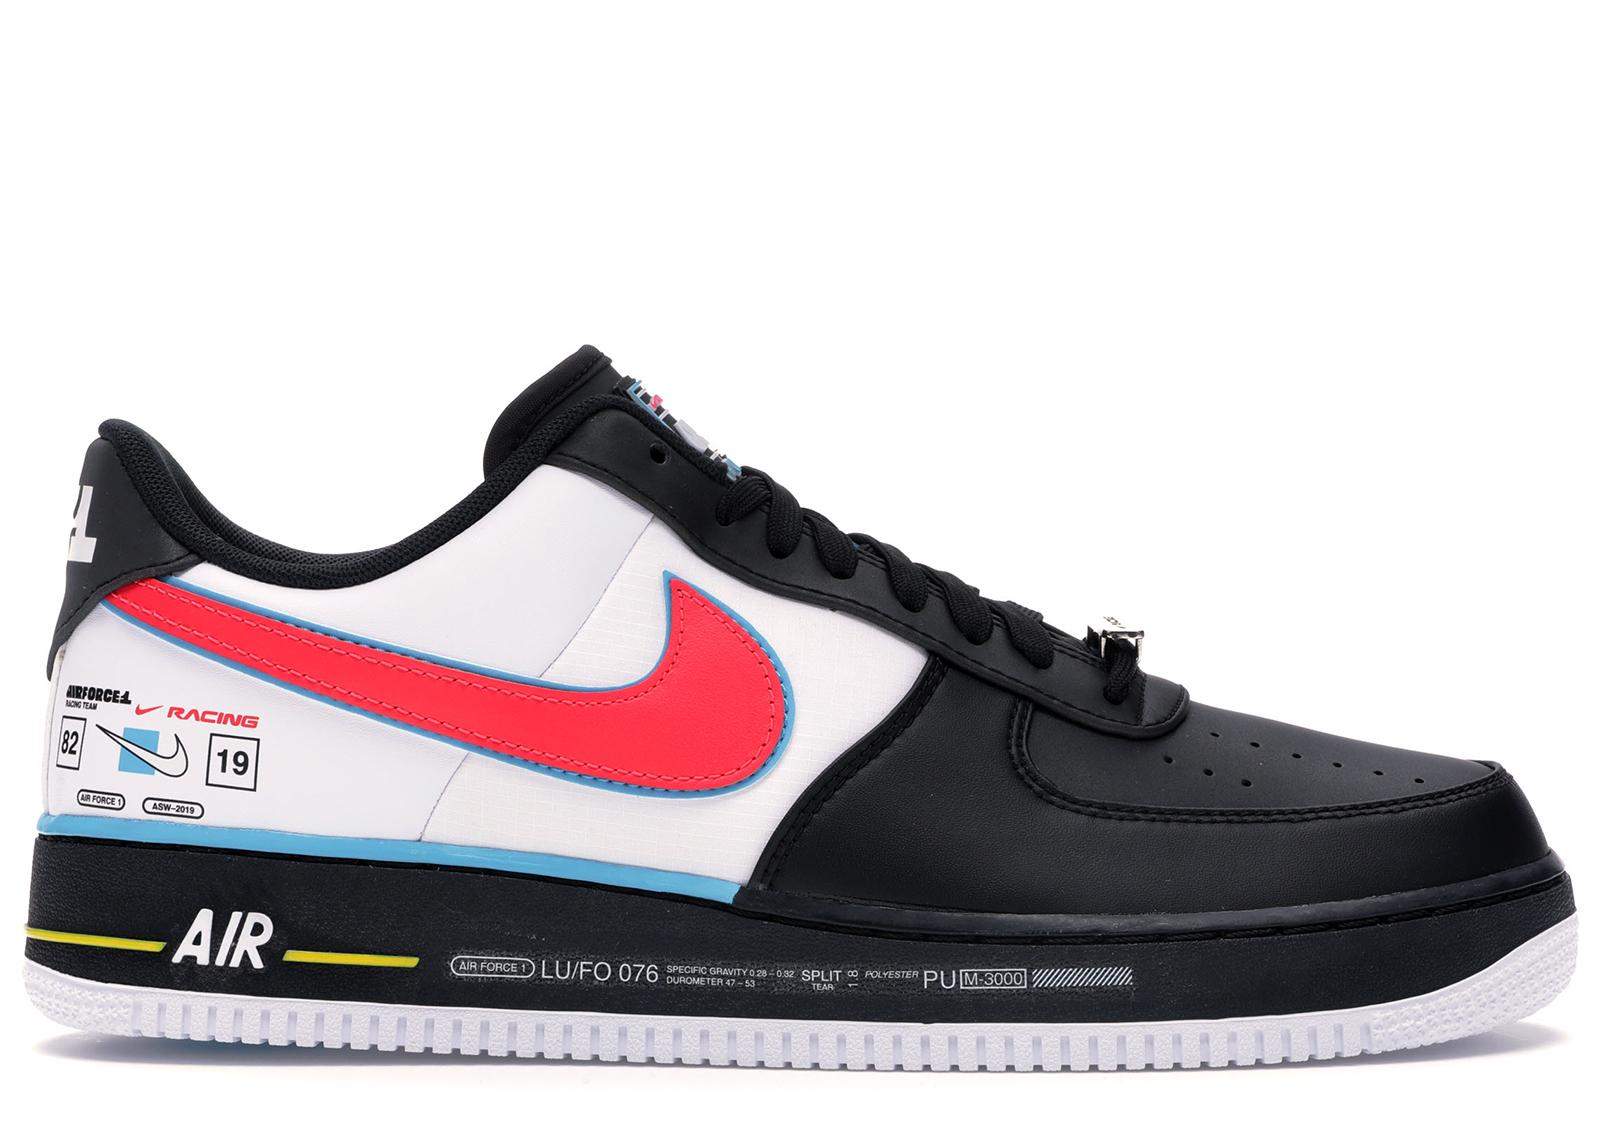 Nike Air Force 1 Low Racing